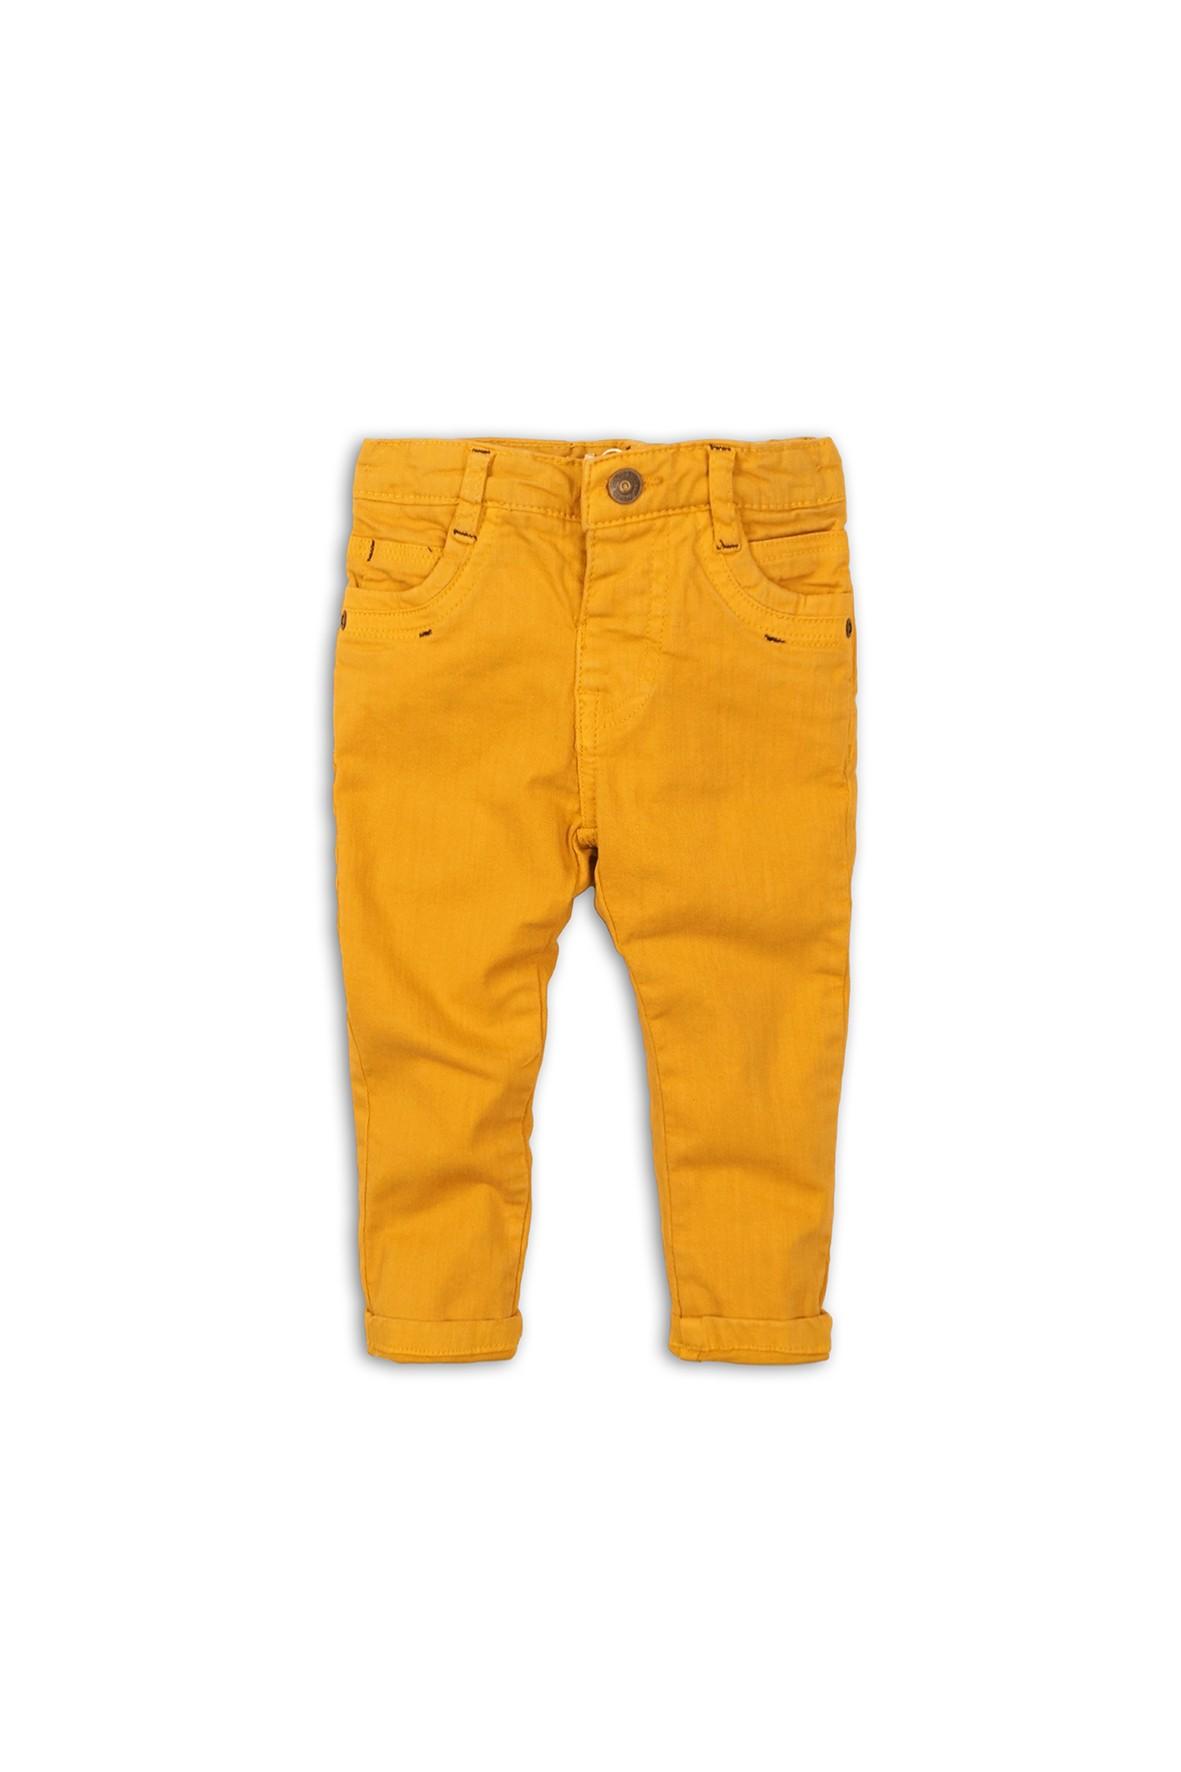 Spodnie długie chłopięce - żółte